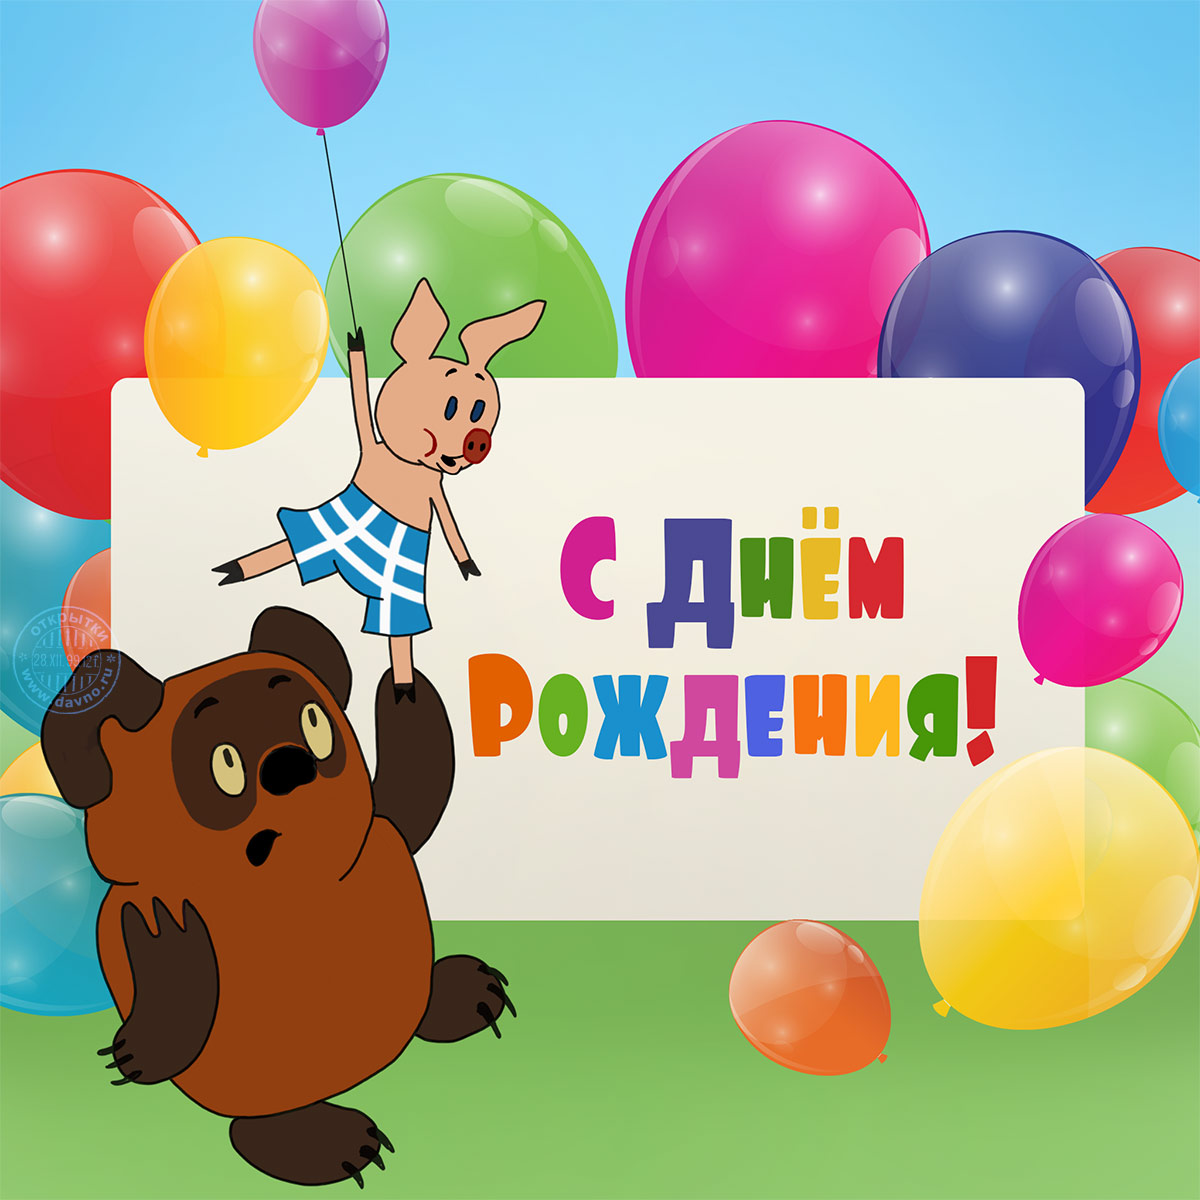 Детские поздравления на день рождения другу